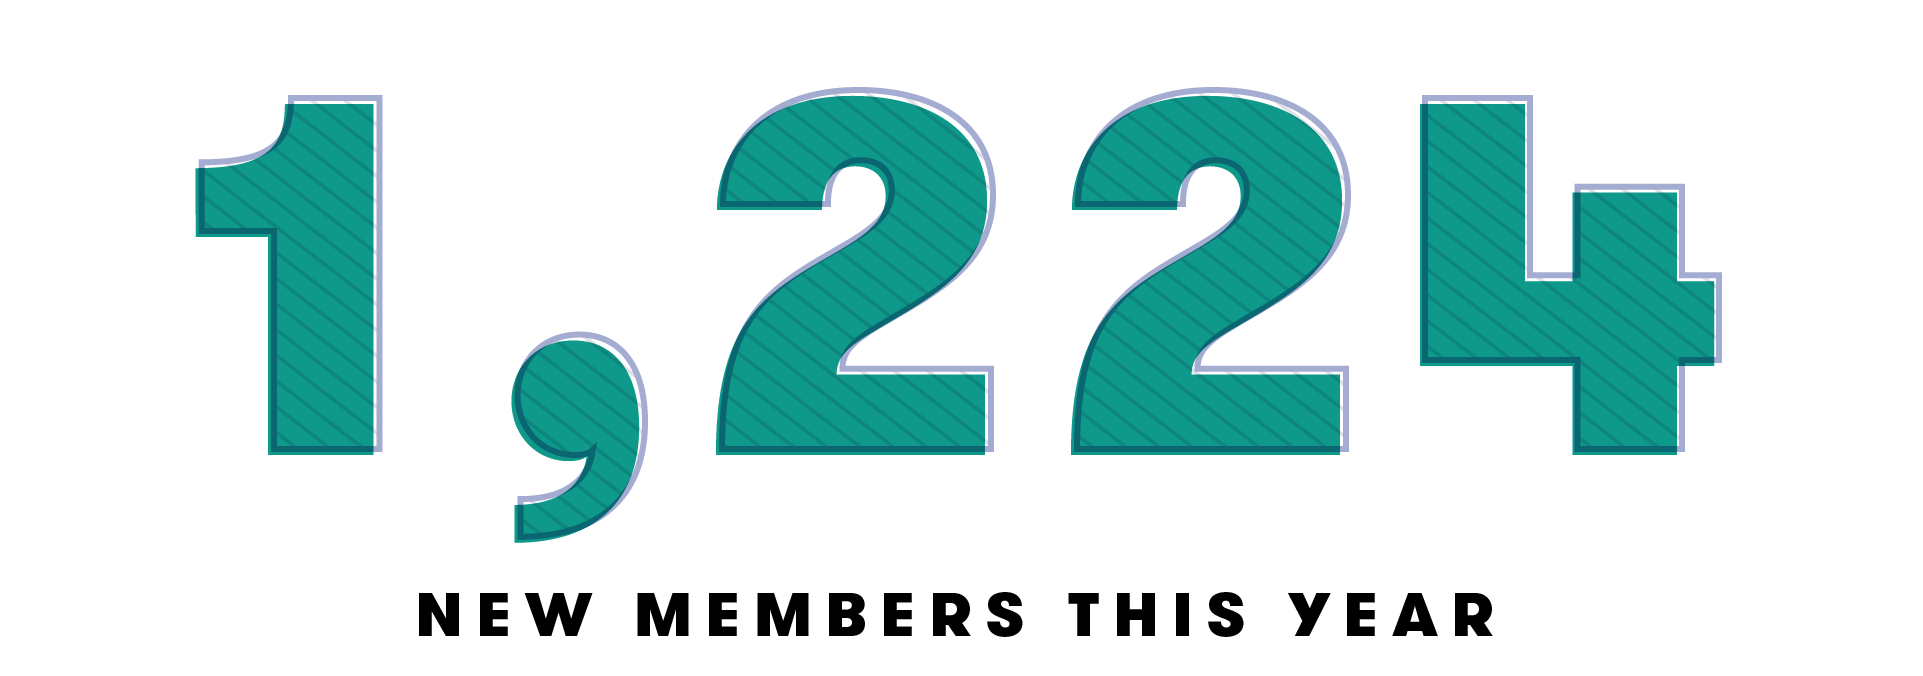 members copy@2x-8.png